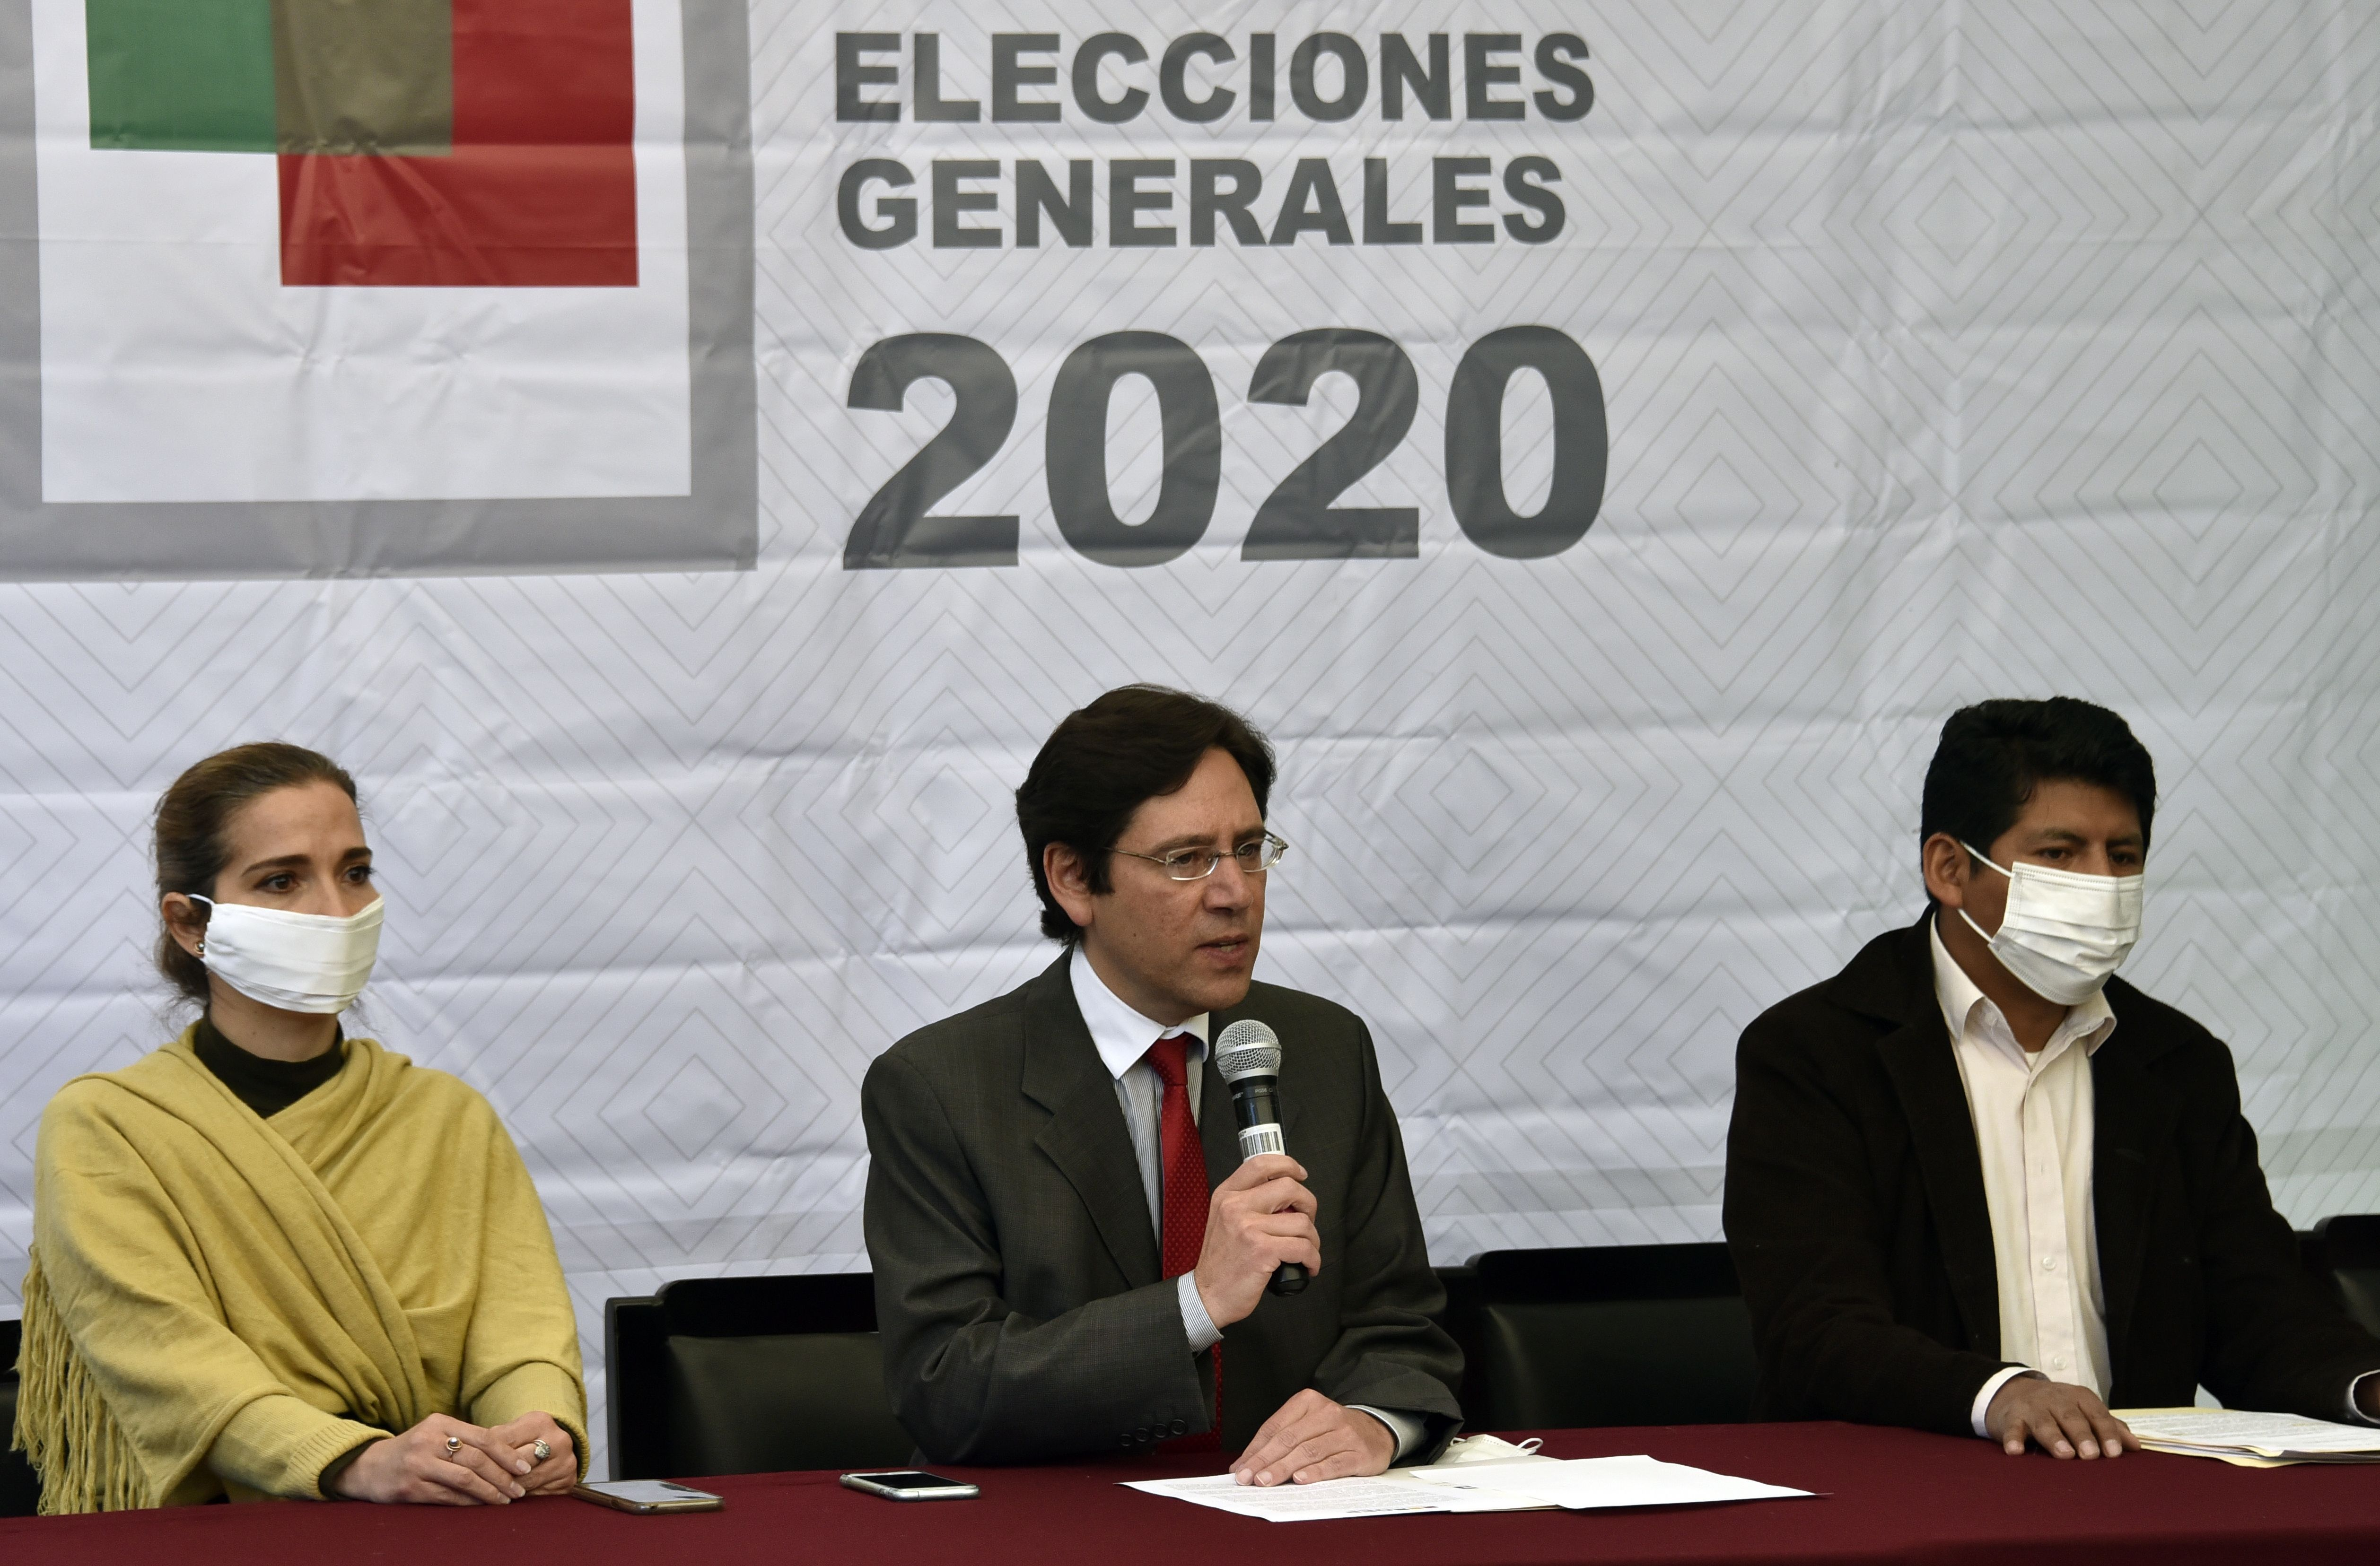 El TSE de Bolivia anuncia el 18 de octubre como fecha definitiva de las elecciones generales